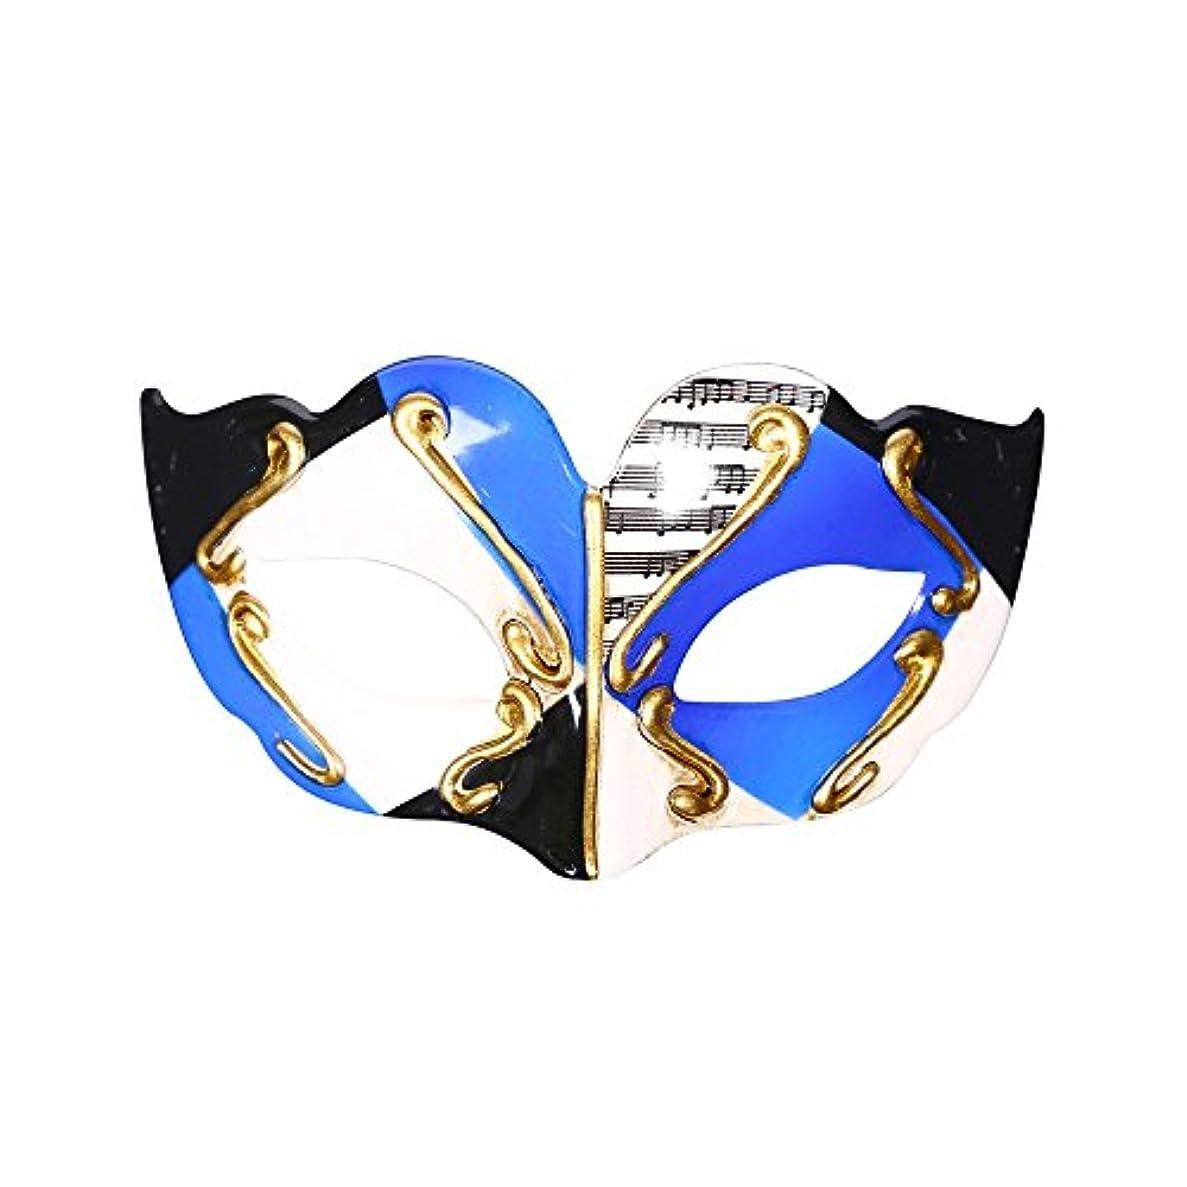 放牧する神秘研究所ハロウィーン仮装マスクフラットヘッドハーフフェイスハードプラスチック子供用マスク (Color : #1)